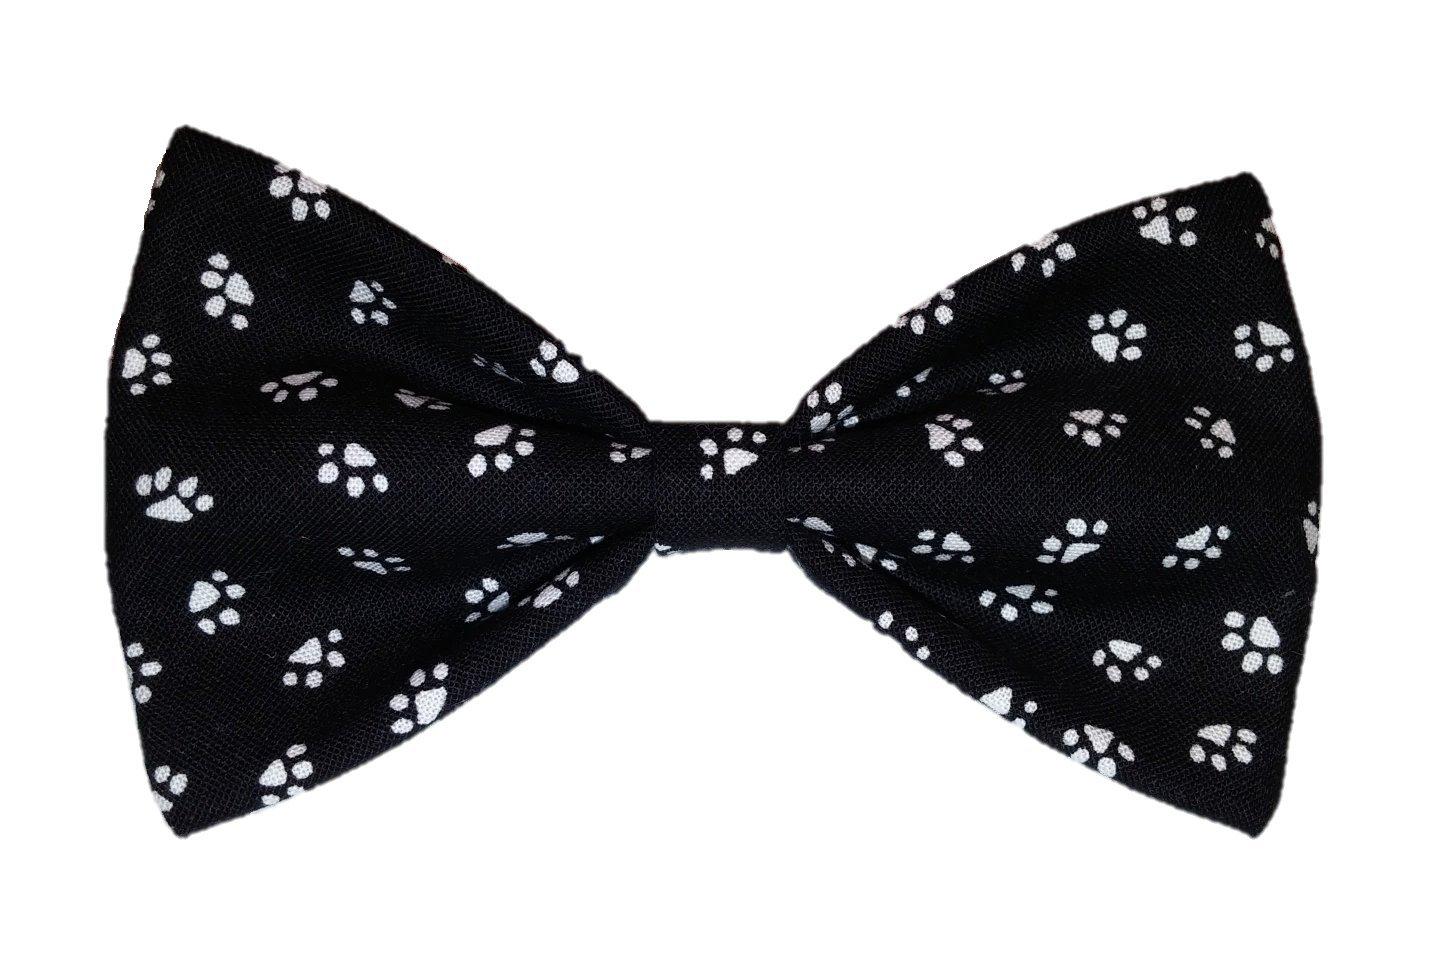 Black Paw Prints- Dog Bow Tie - Cat Bowtie